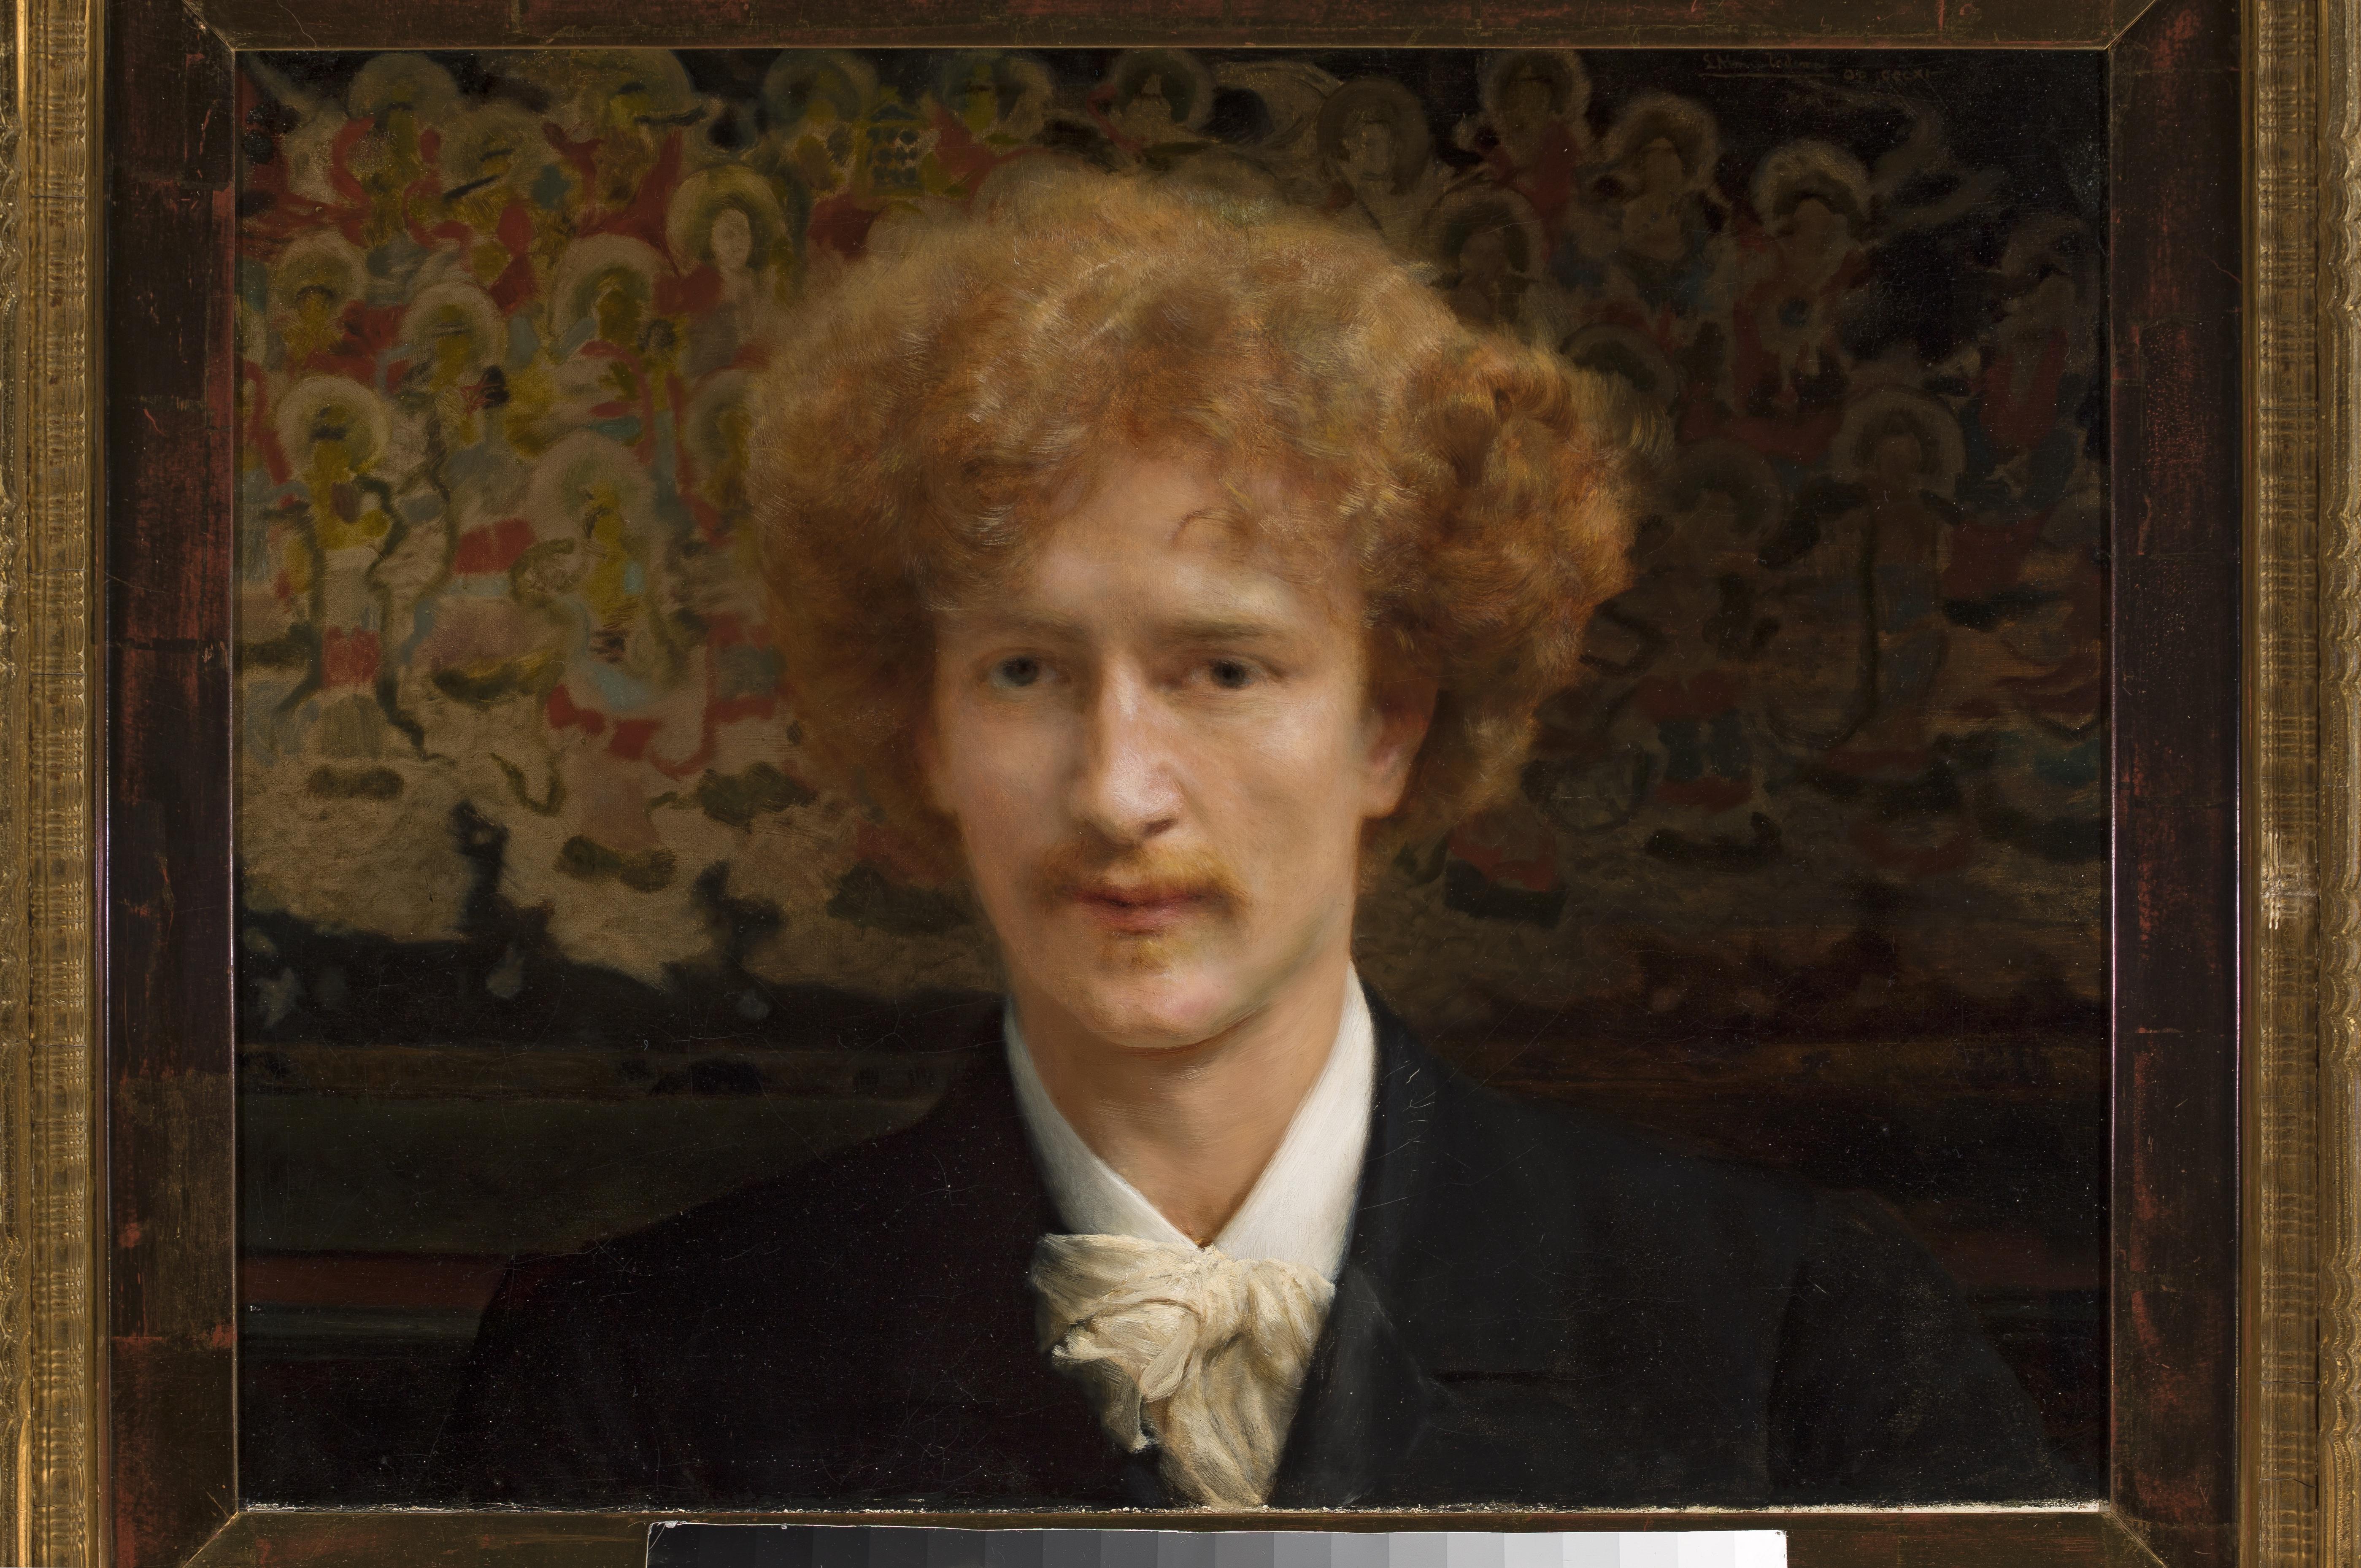 Lawrence Alma-Tadema (1836–1912), Portret Ignacego Jana Paderewskiego Anglia, 1890 r., olej na płótnie, 45,5 x 59 cm, fot. Krzysztof Wilczyński © Muzeum Narodowe w Warszawie